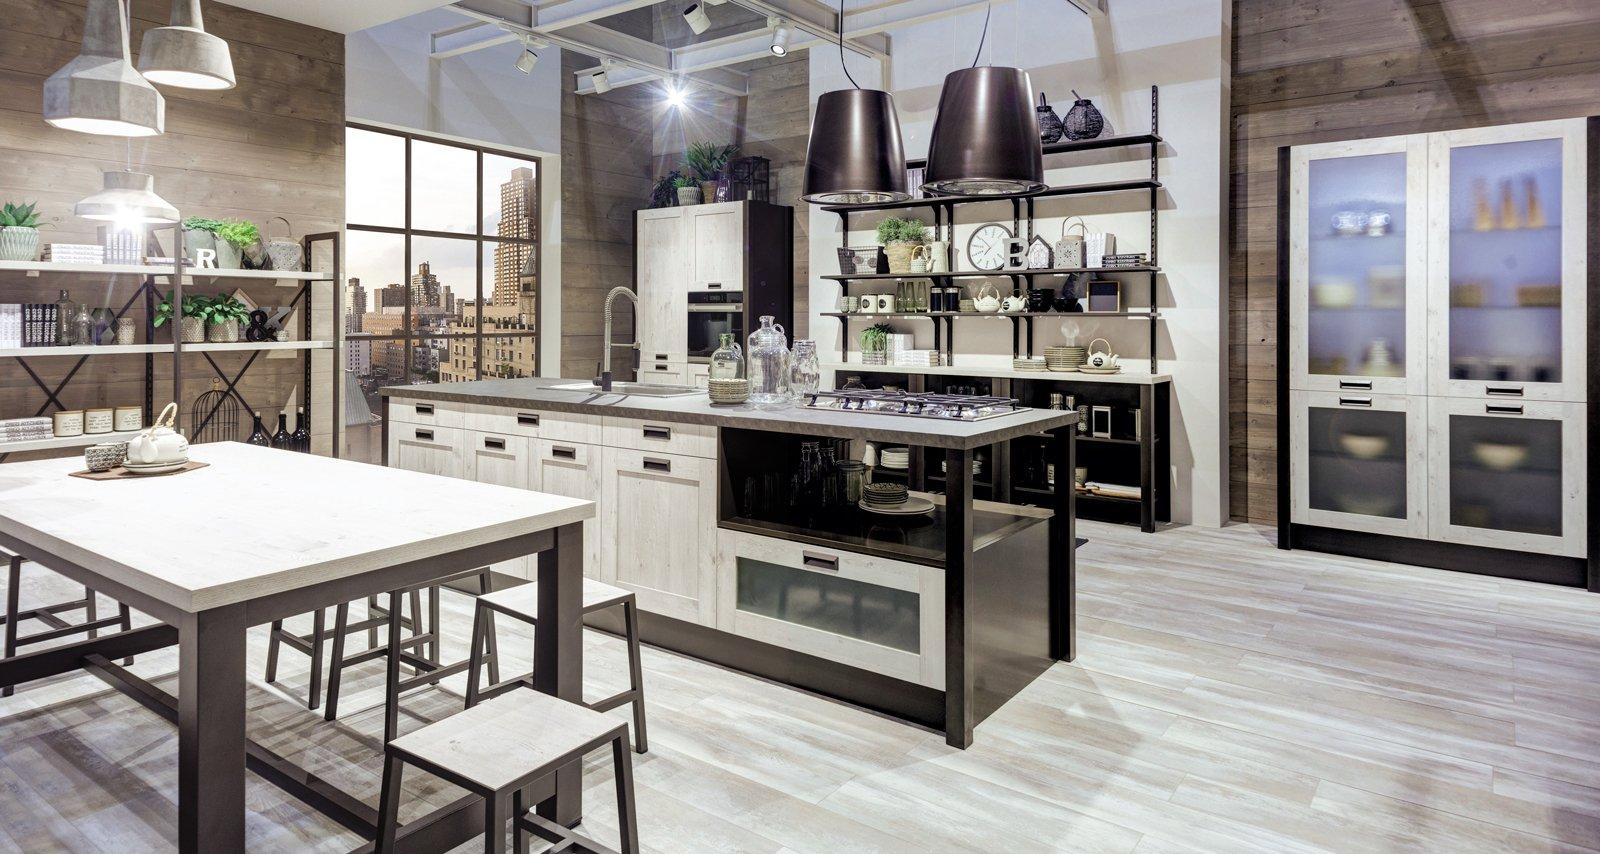 Emejing Vetrine Per Cucina Images - Design & Ideas 2017 - candp.us